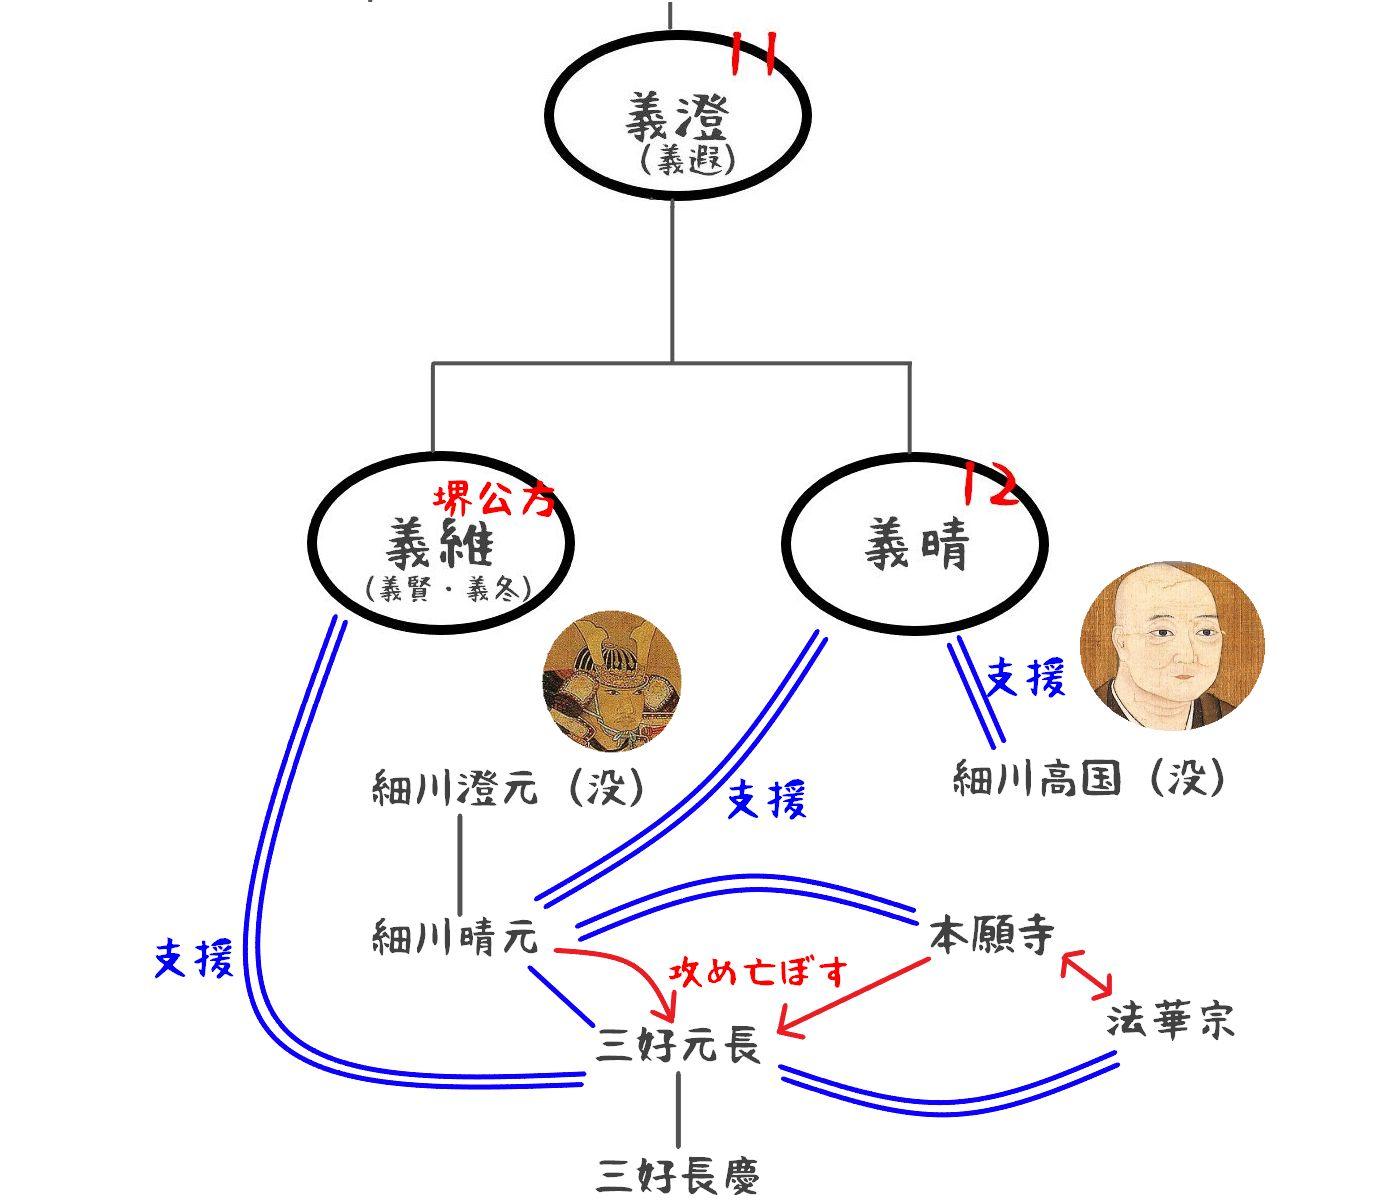 足利将軍家家系図05